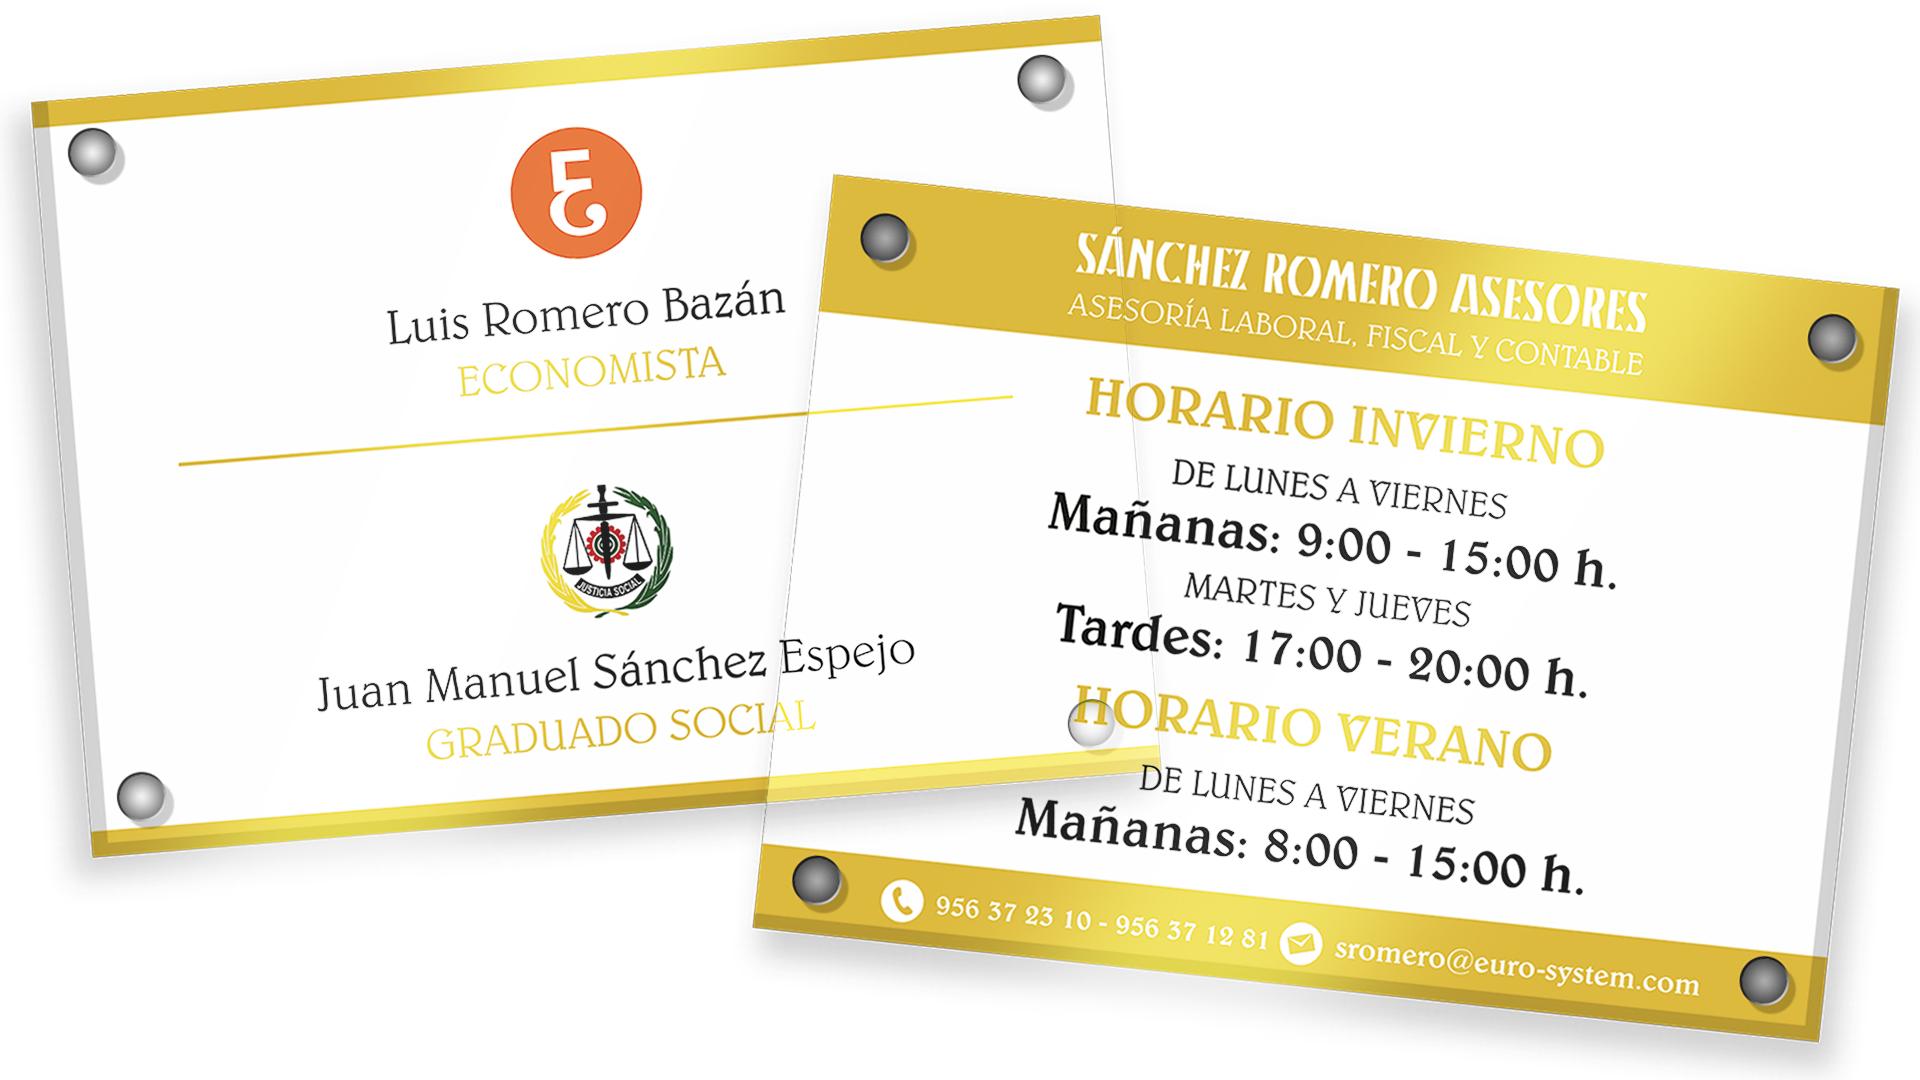 Sánchez Romero Asesores